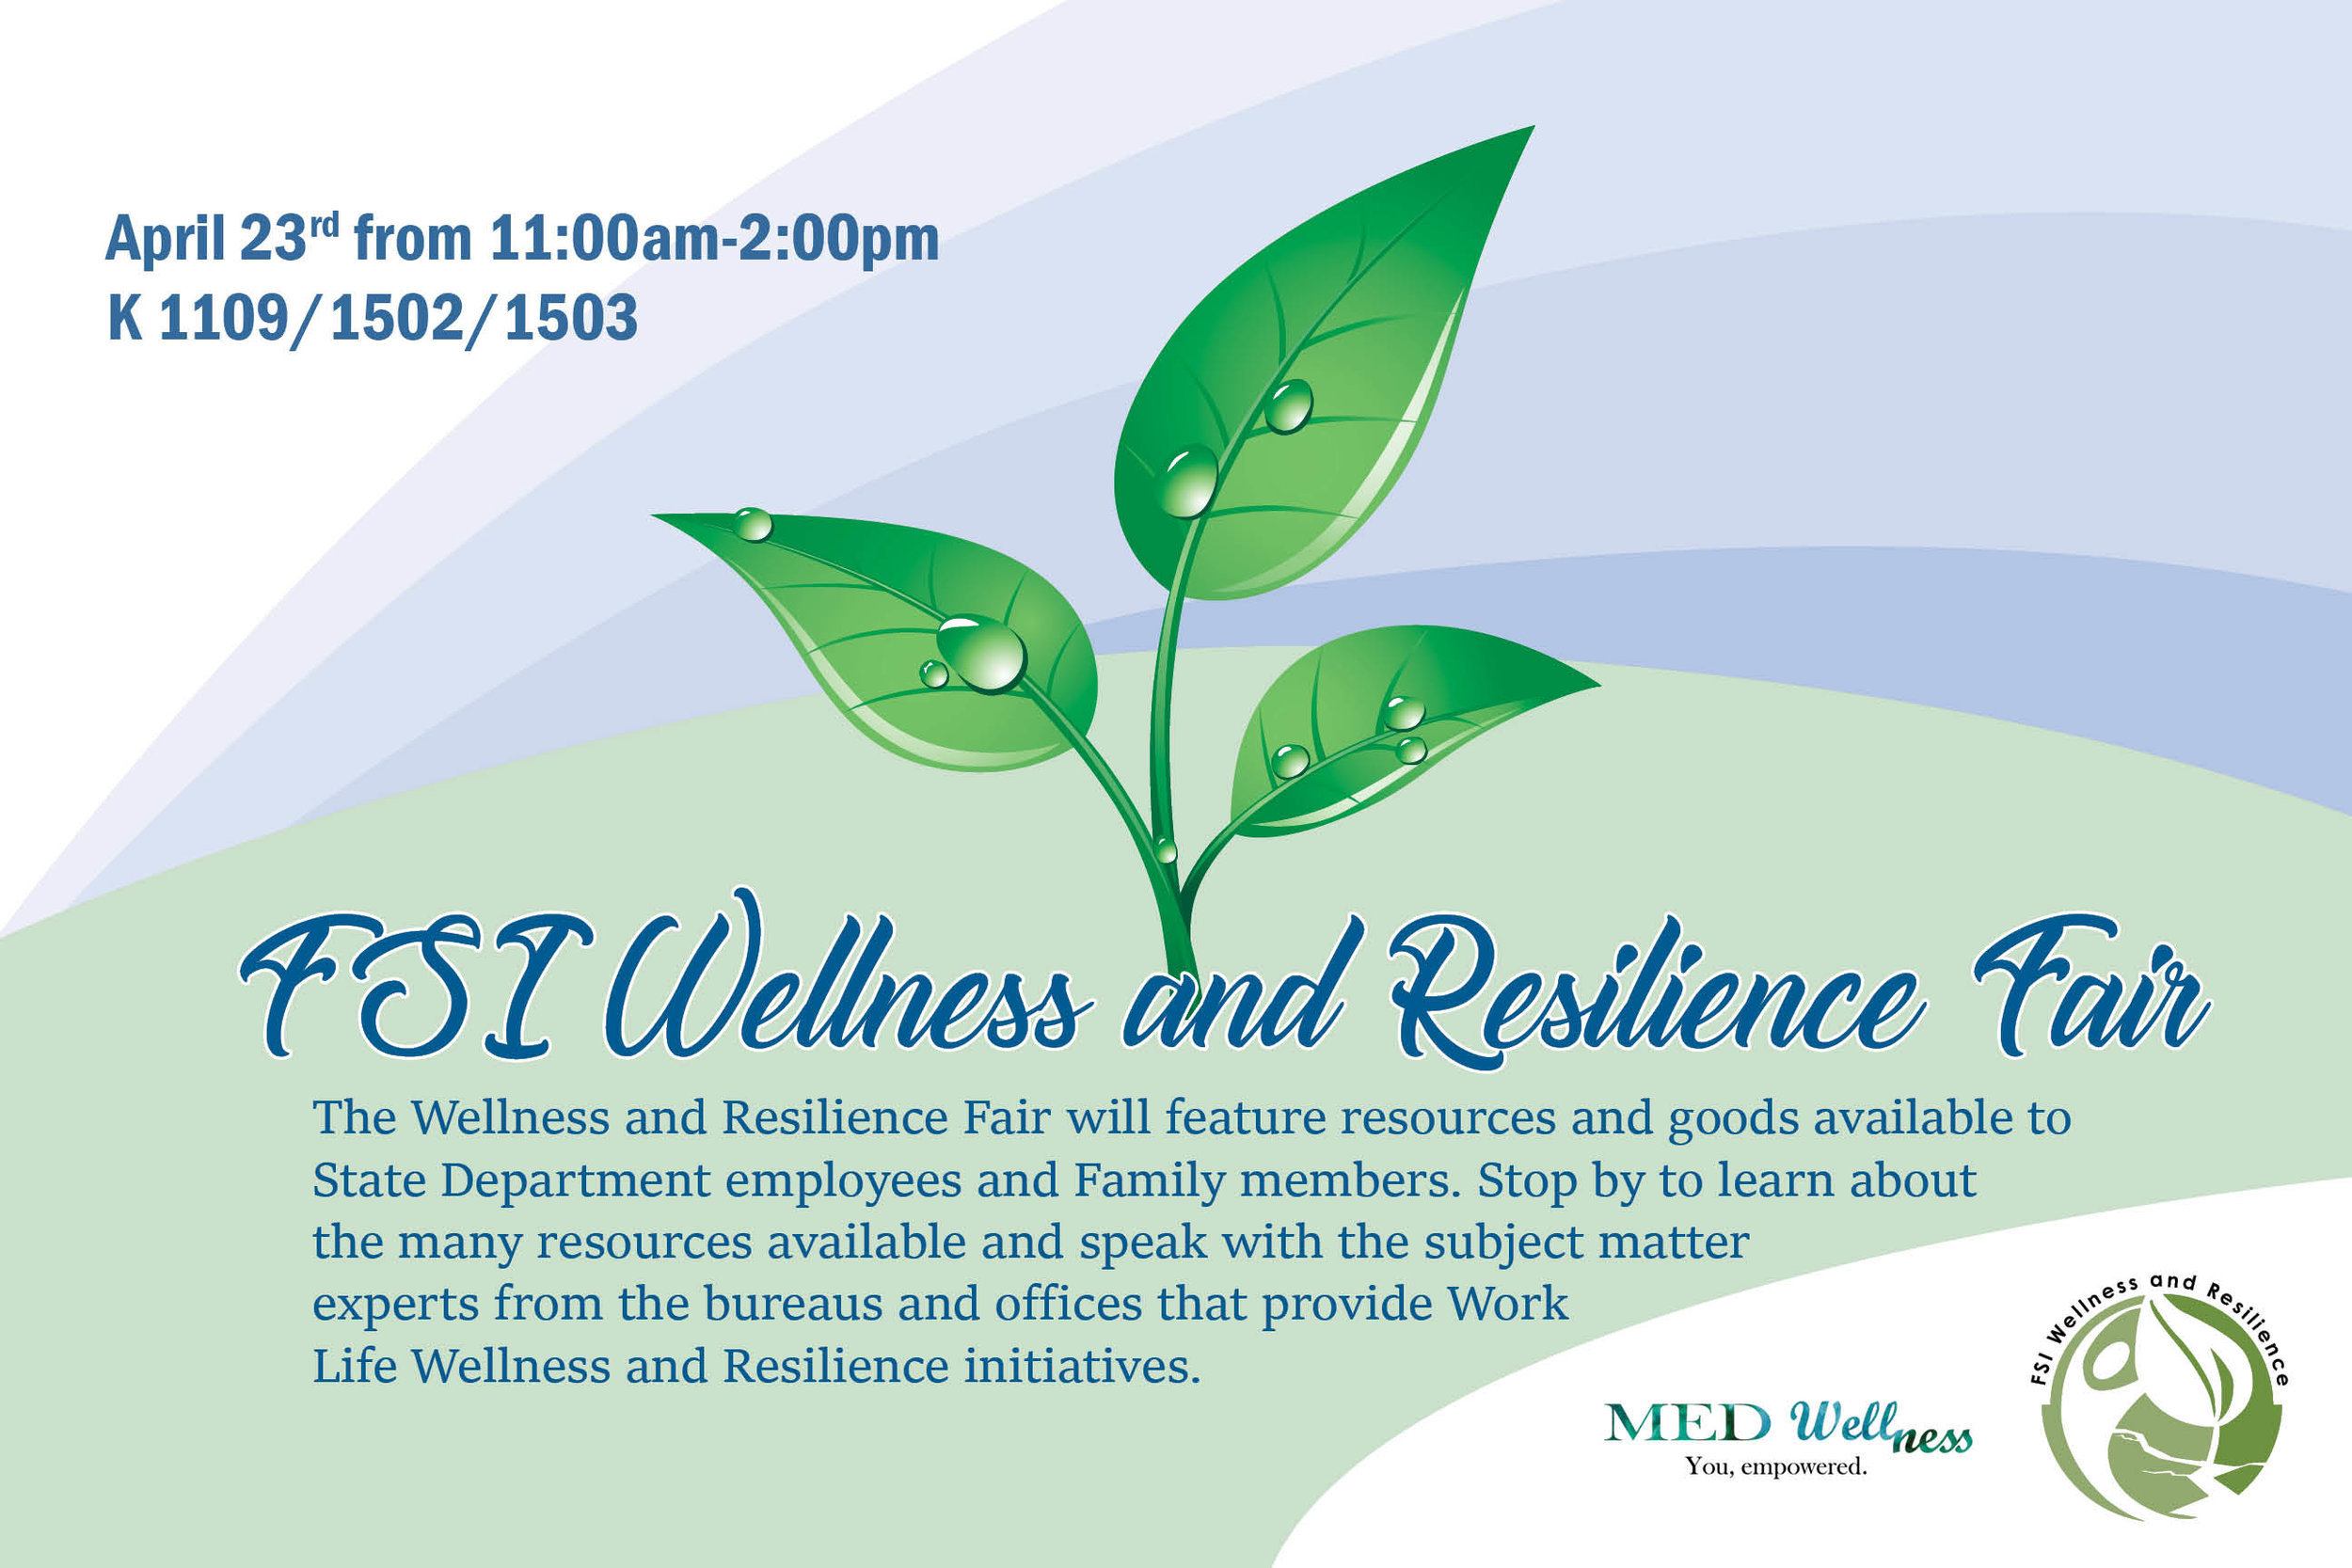 FSI Wellness and Resilience Fair